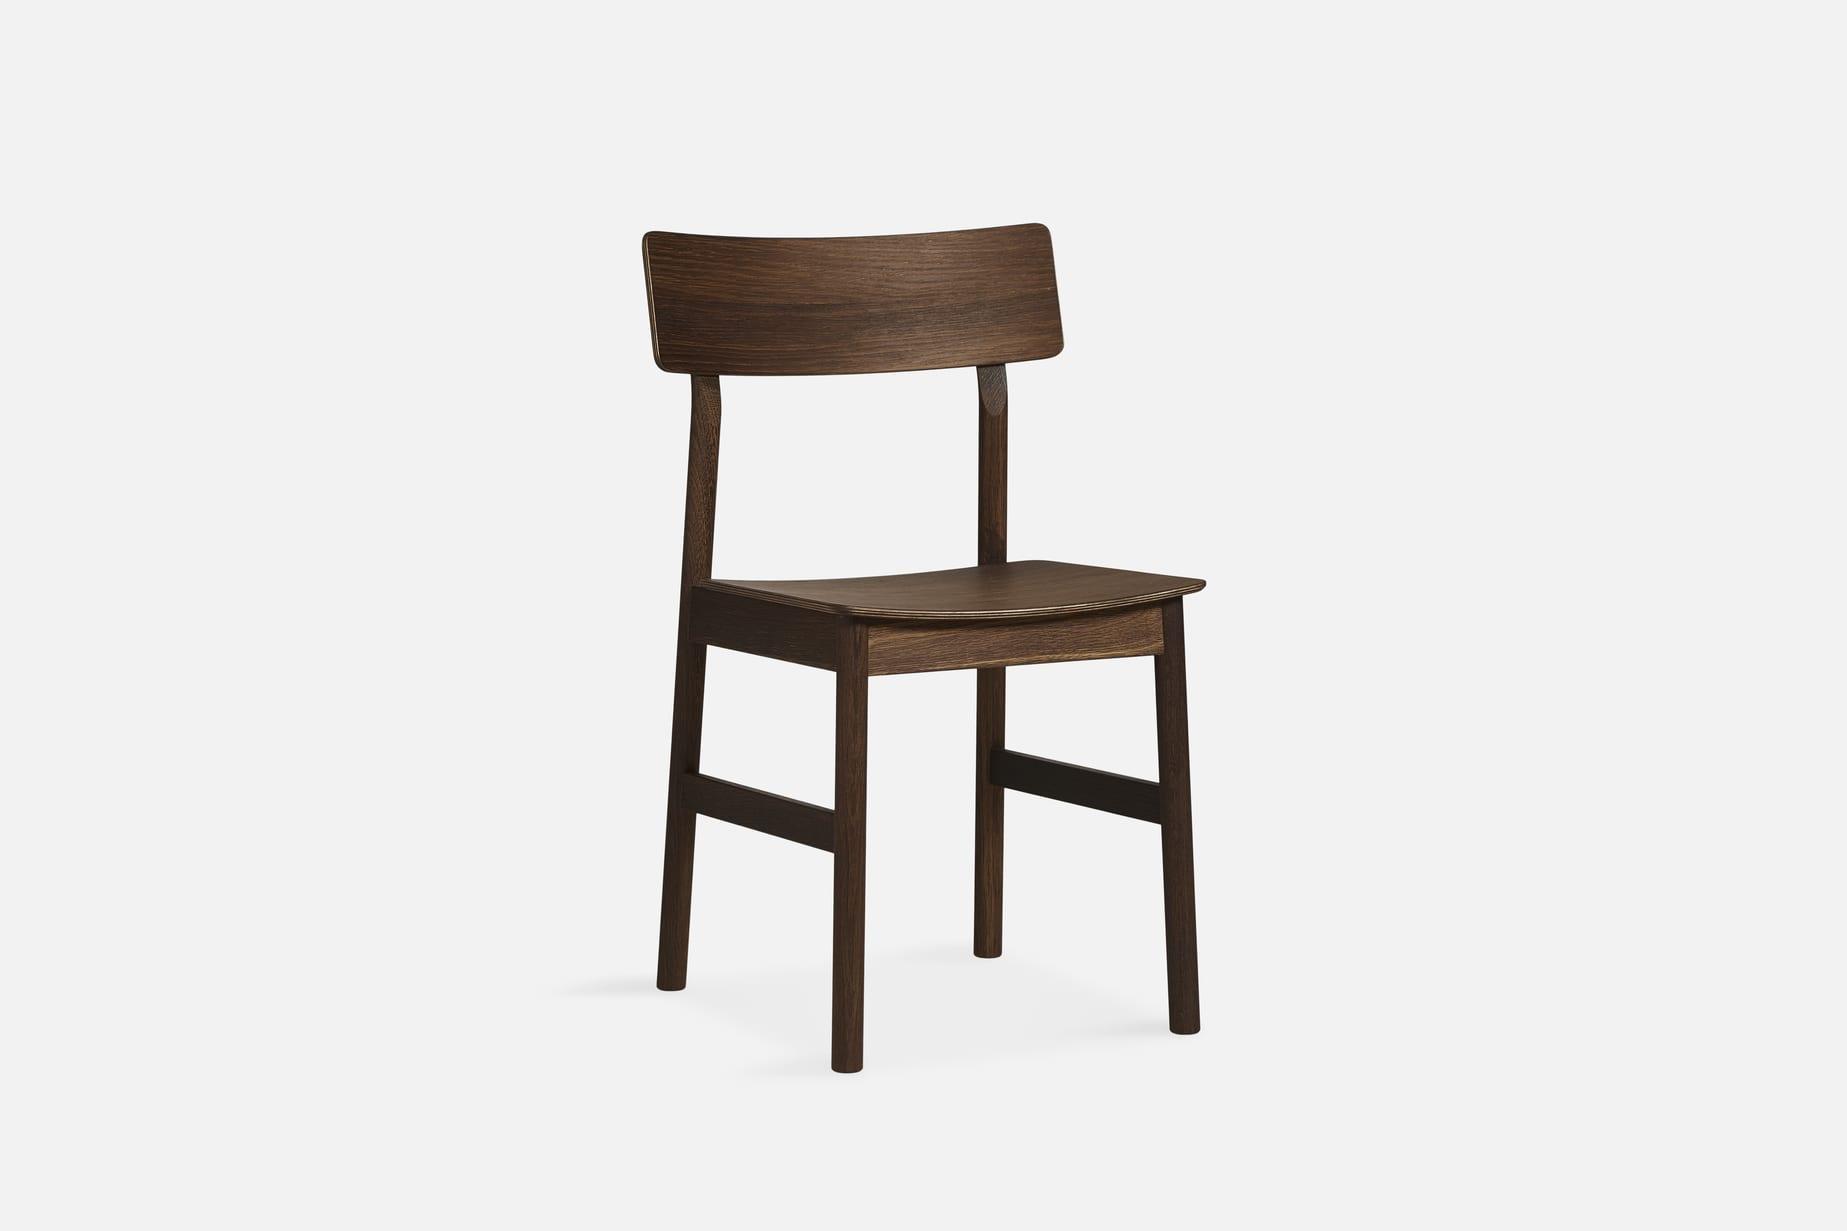 כסאות מעוצבים לפינת אוכל WOUD חום